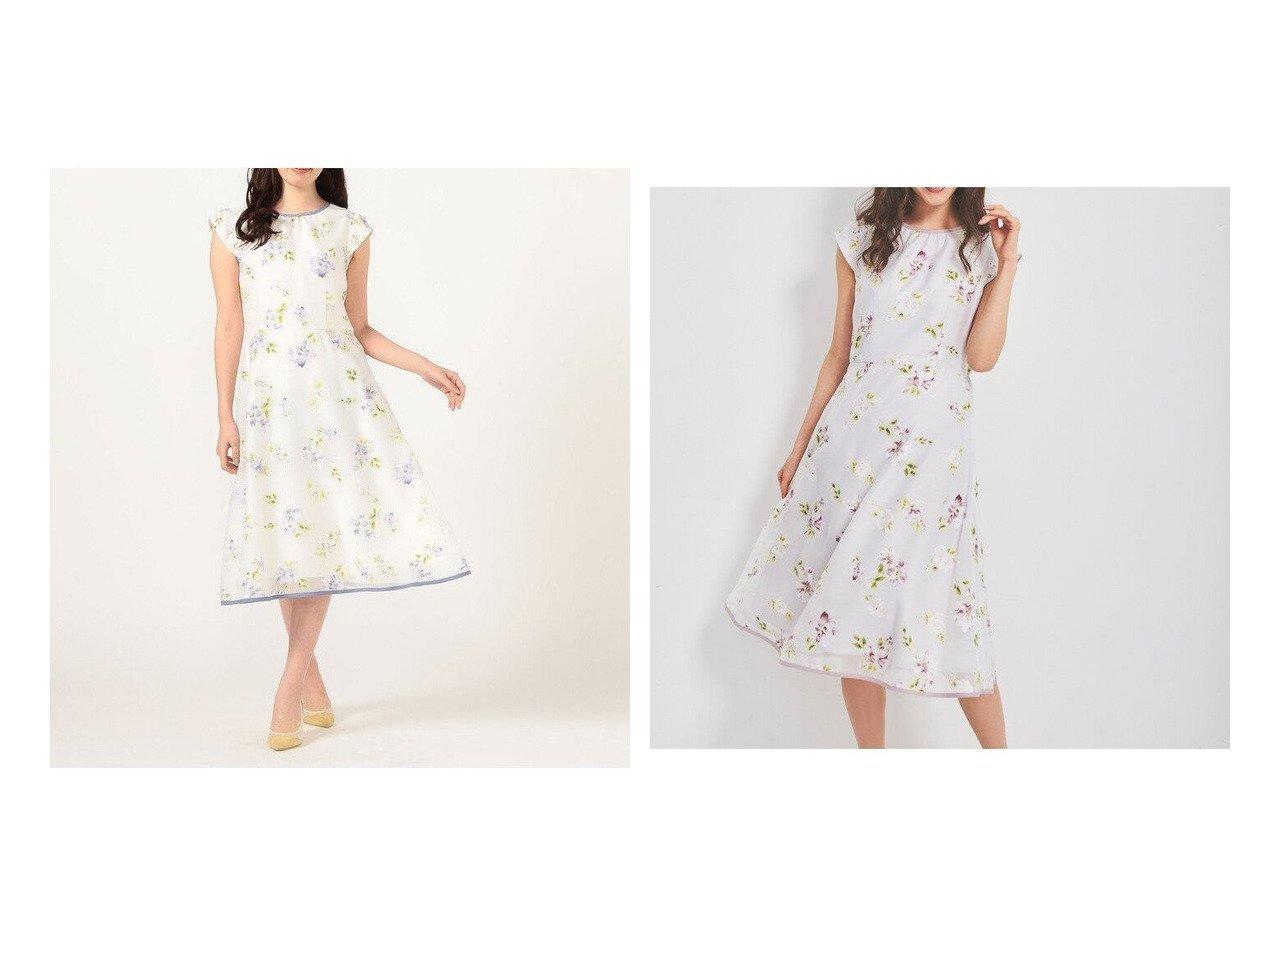 【LAISSE PASSE/レッセ パッセ】のオパールフラワーワンピース おすすめ!人気、トレンド・レディースファッションの通販 おすすめで人気の流行・トレンド、ファッションの通販商品 インテリア・家具・メンズファッション・キッズファッション・レディースファッション・服の通販 founy(ファニー) https://founy.com/ ファッション Fashion レディースファッション WOMEN ワンピース Dress スリーブ フレンチ リボン 再入荷 Restock/Back in Stock/Re Arrival  ID:crp329100000055563